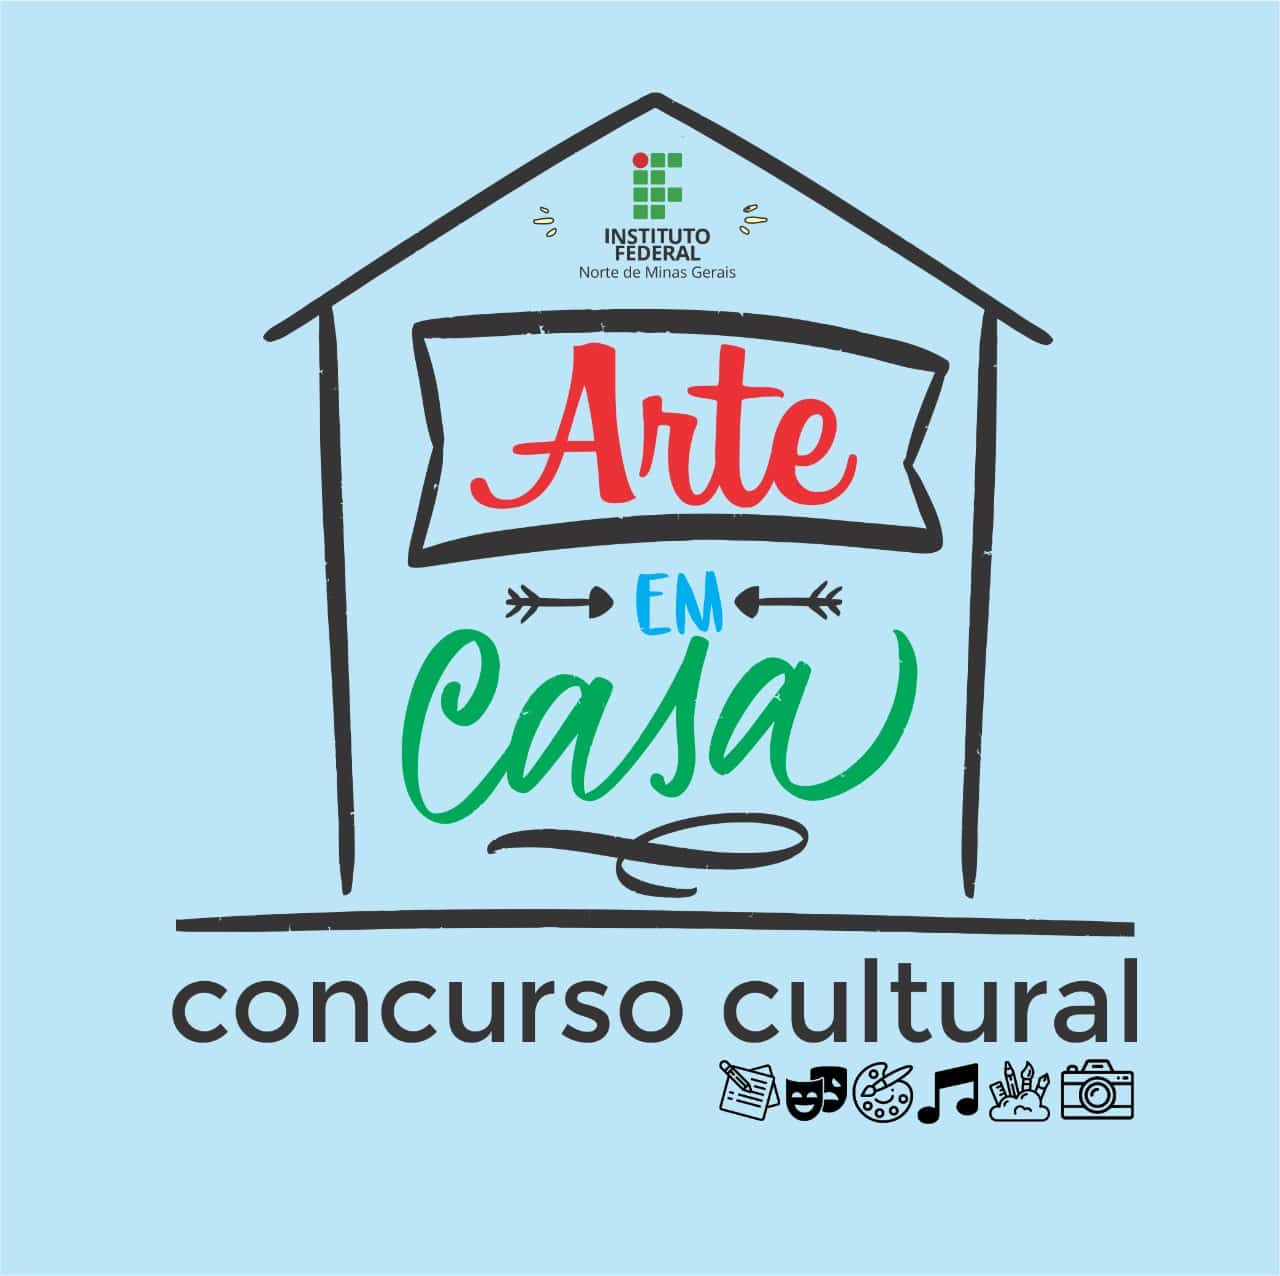 """Norte de Minas - Envie sua produção artística para o concurso cultural do IFNMG """"Arte em Casa"""" até 18 de maio"""